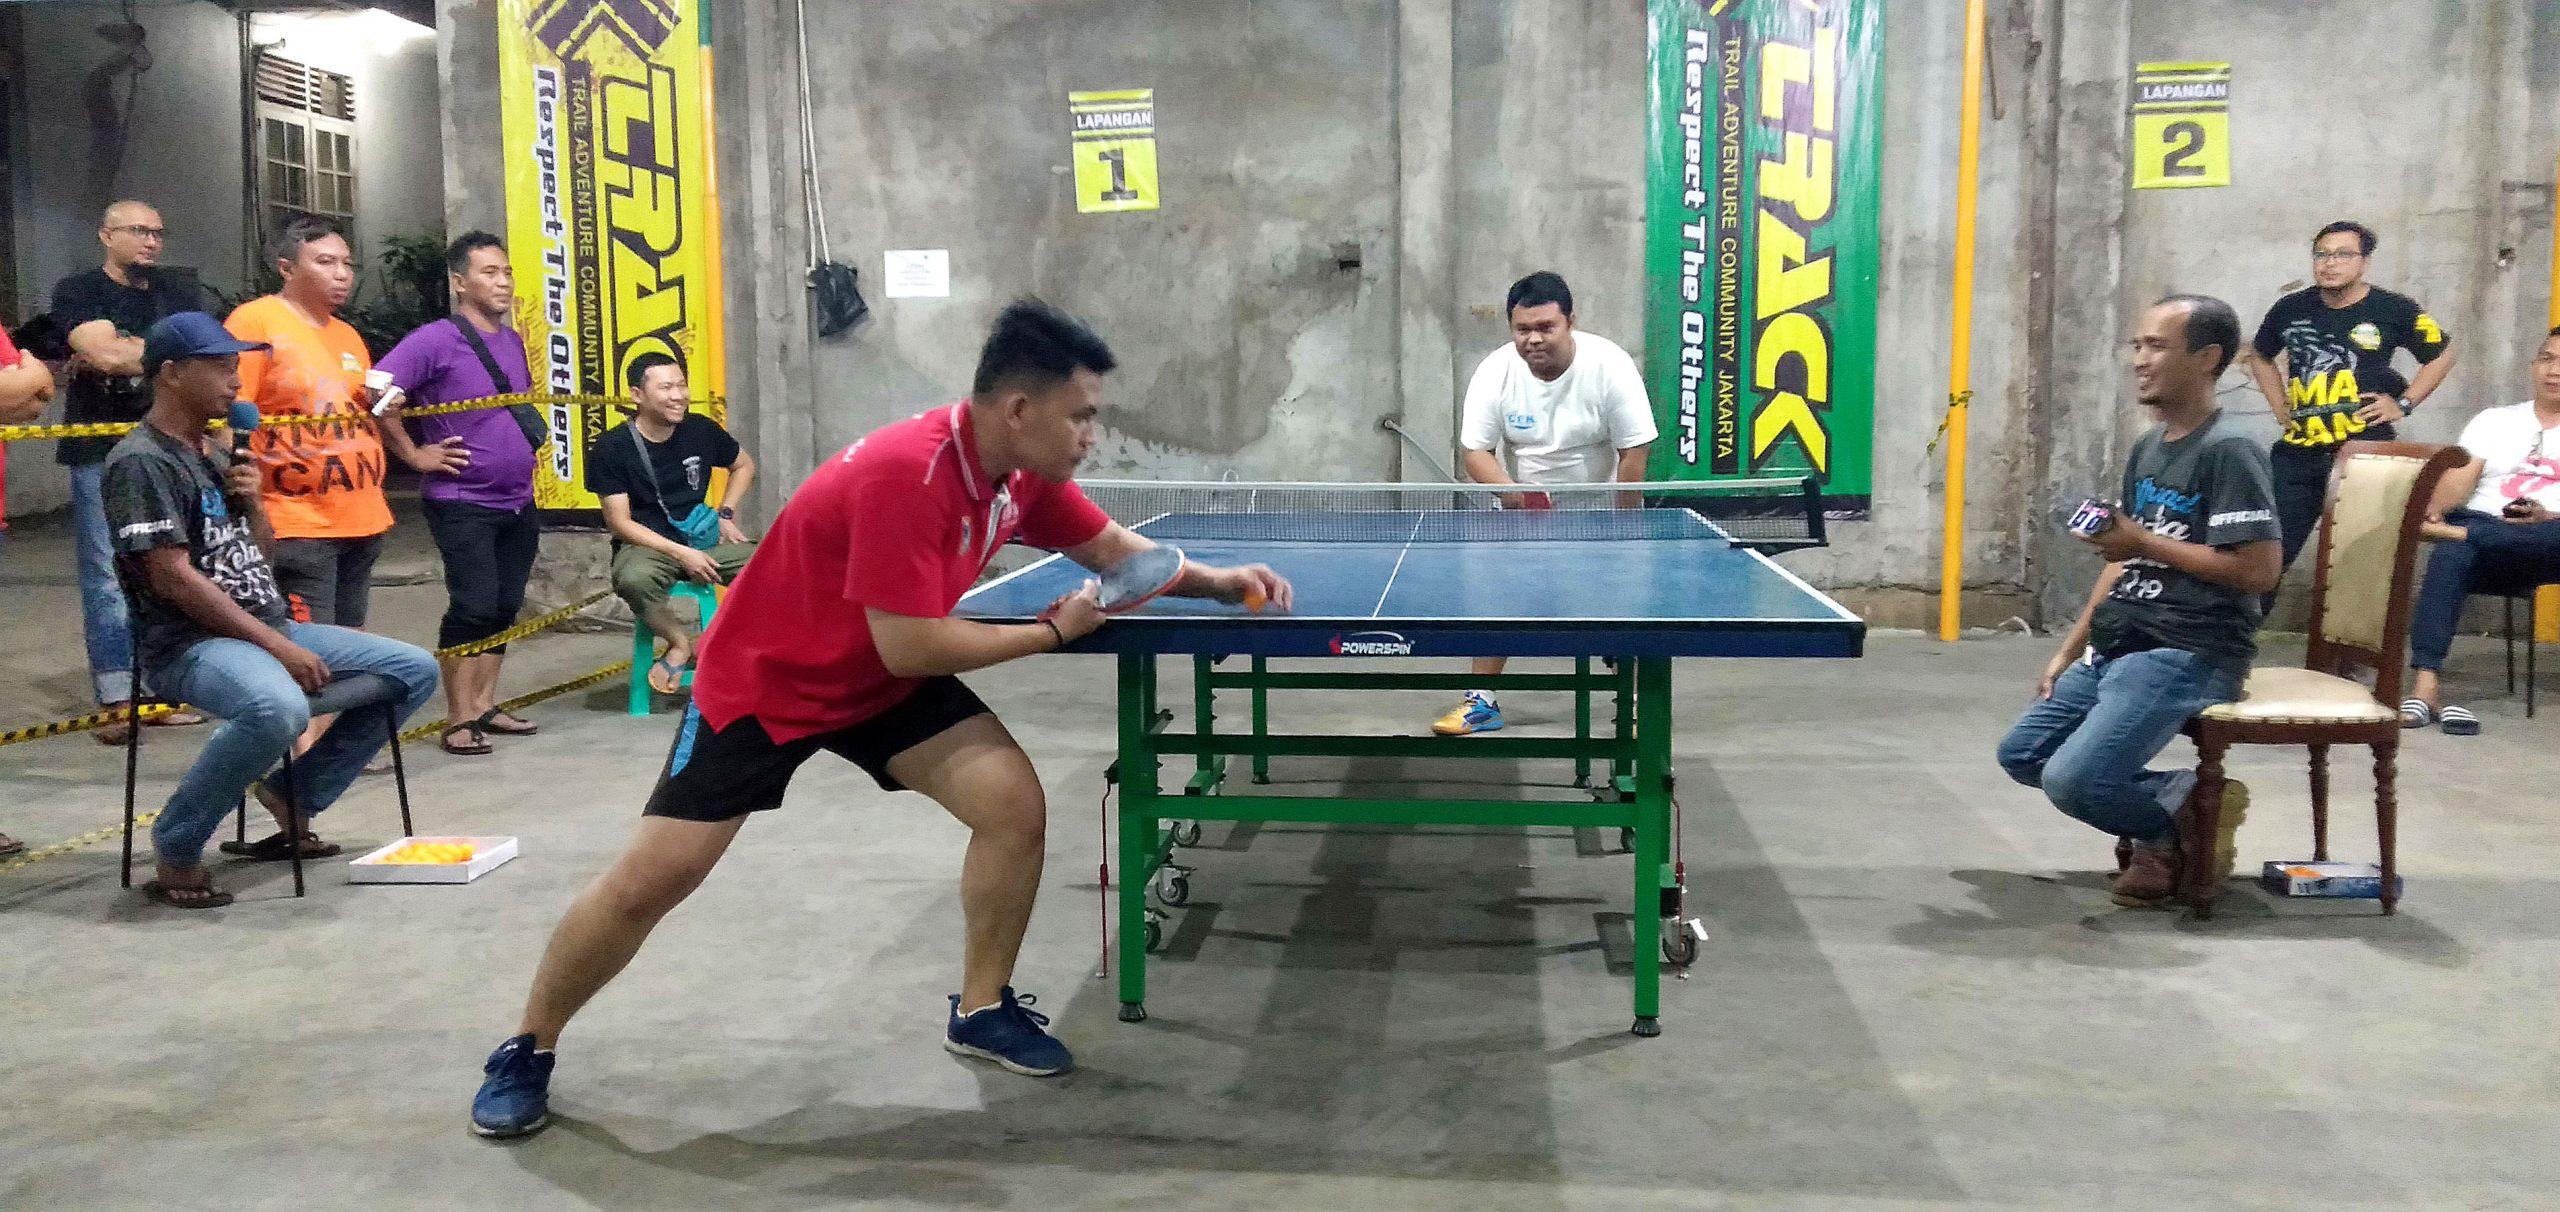 Track Jakarta Gelar Turnamen Tenis Meja, Tantang Biker Adu Ketangkasan